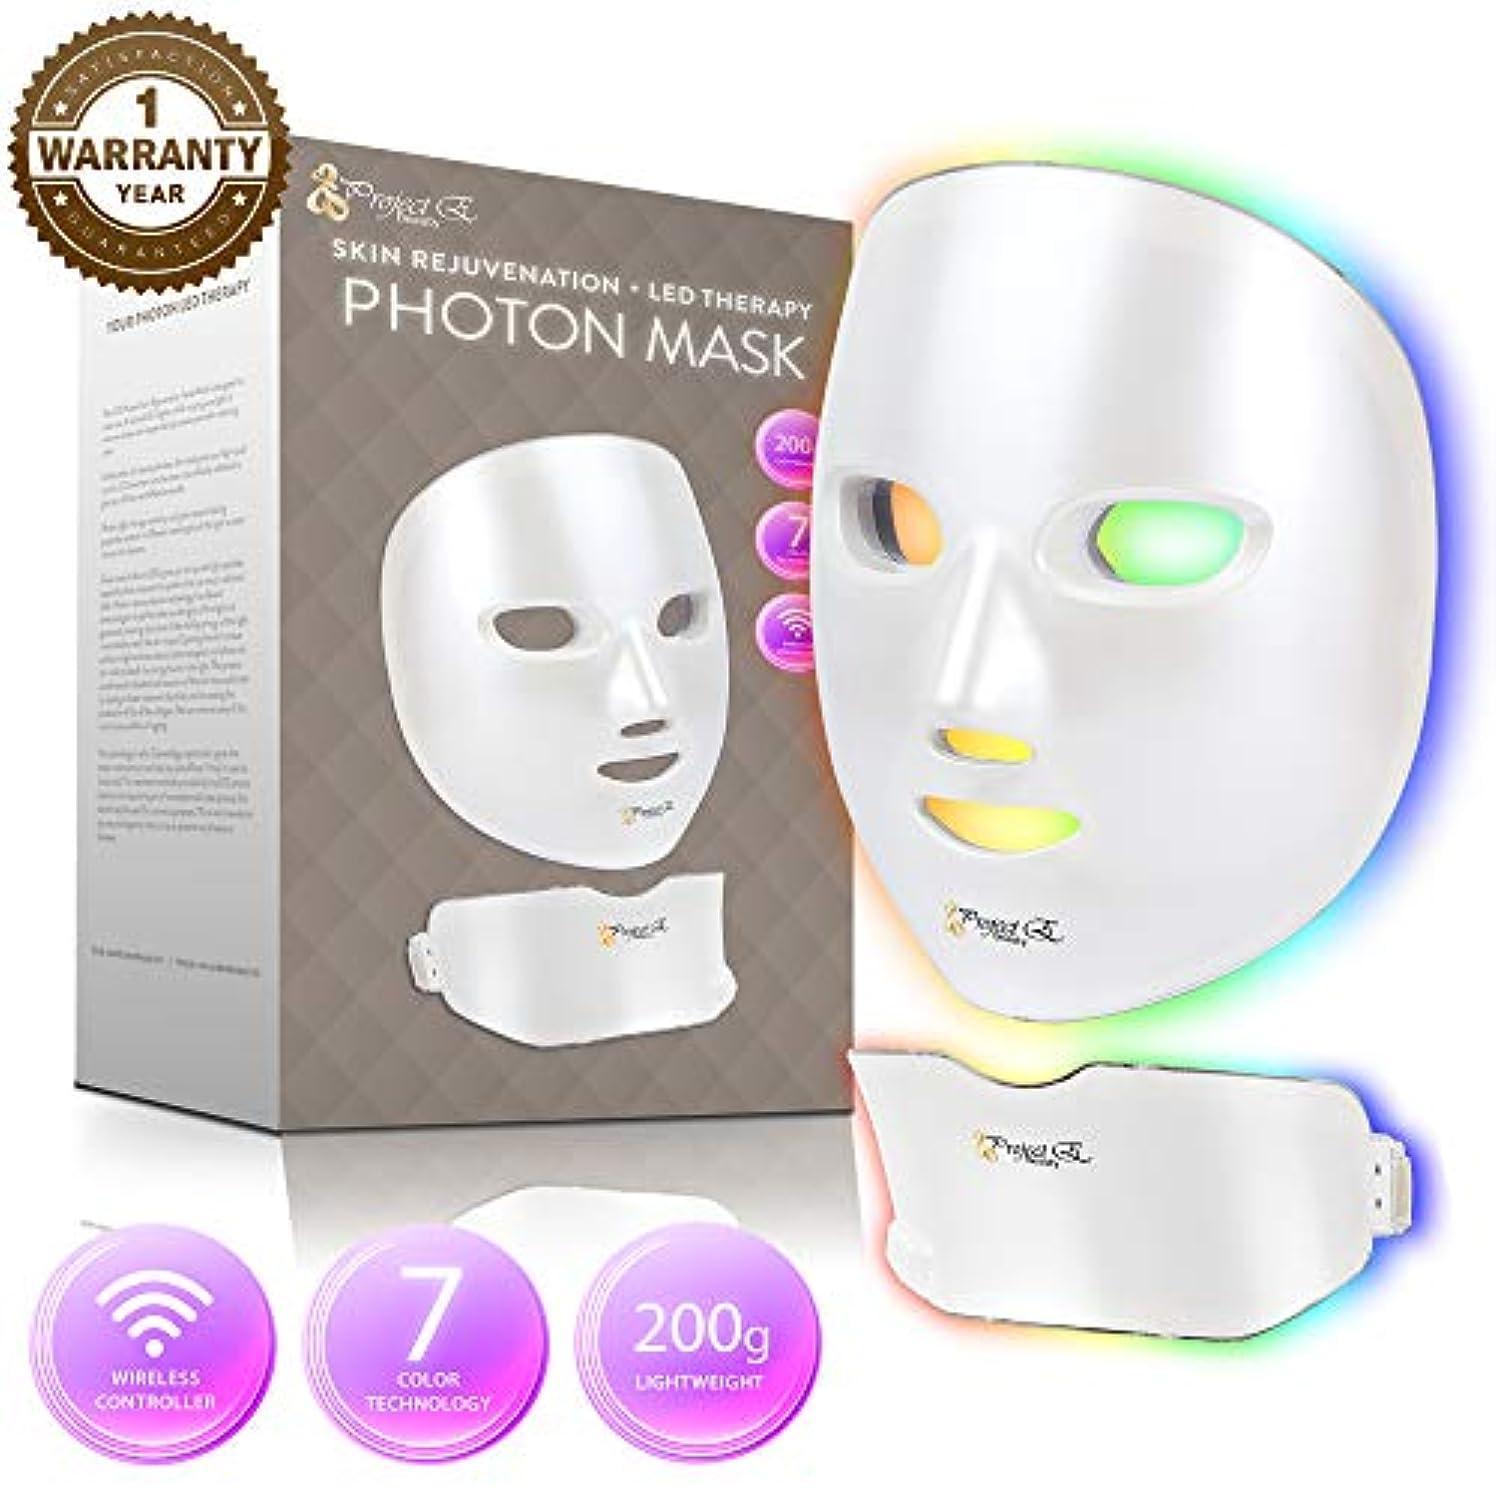 ラジウム監査パットProject E Beauty 7色 マスクフェイス&ネック光子光皮膚若返り療法顔 スキンケア無線マスクを主導しました ワンサイズ パール?ホワイト